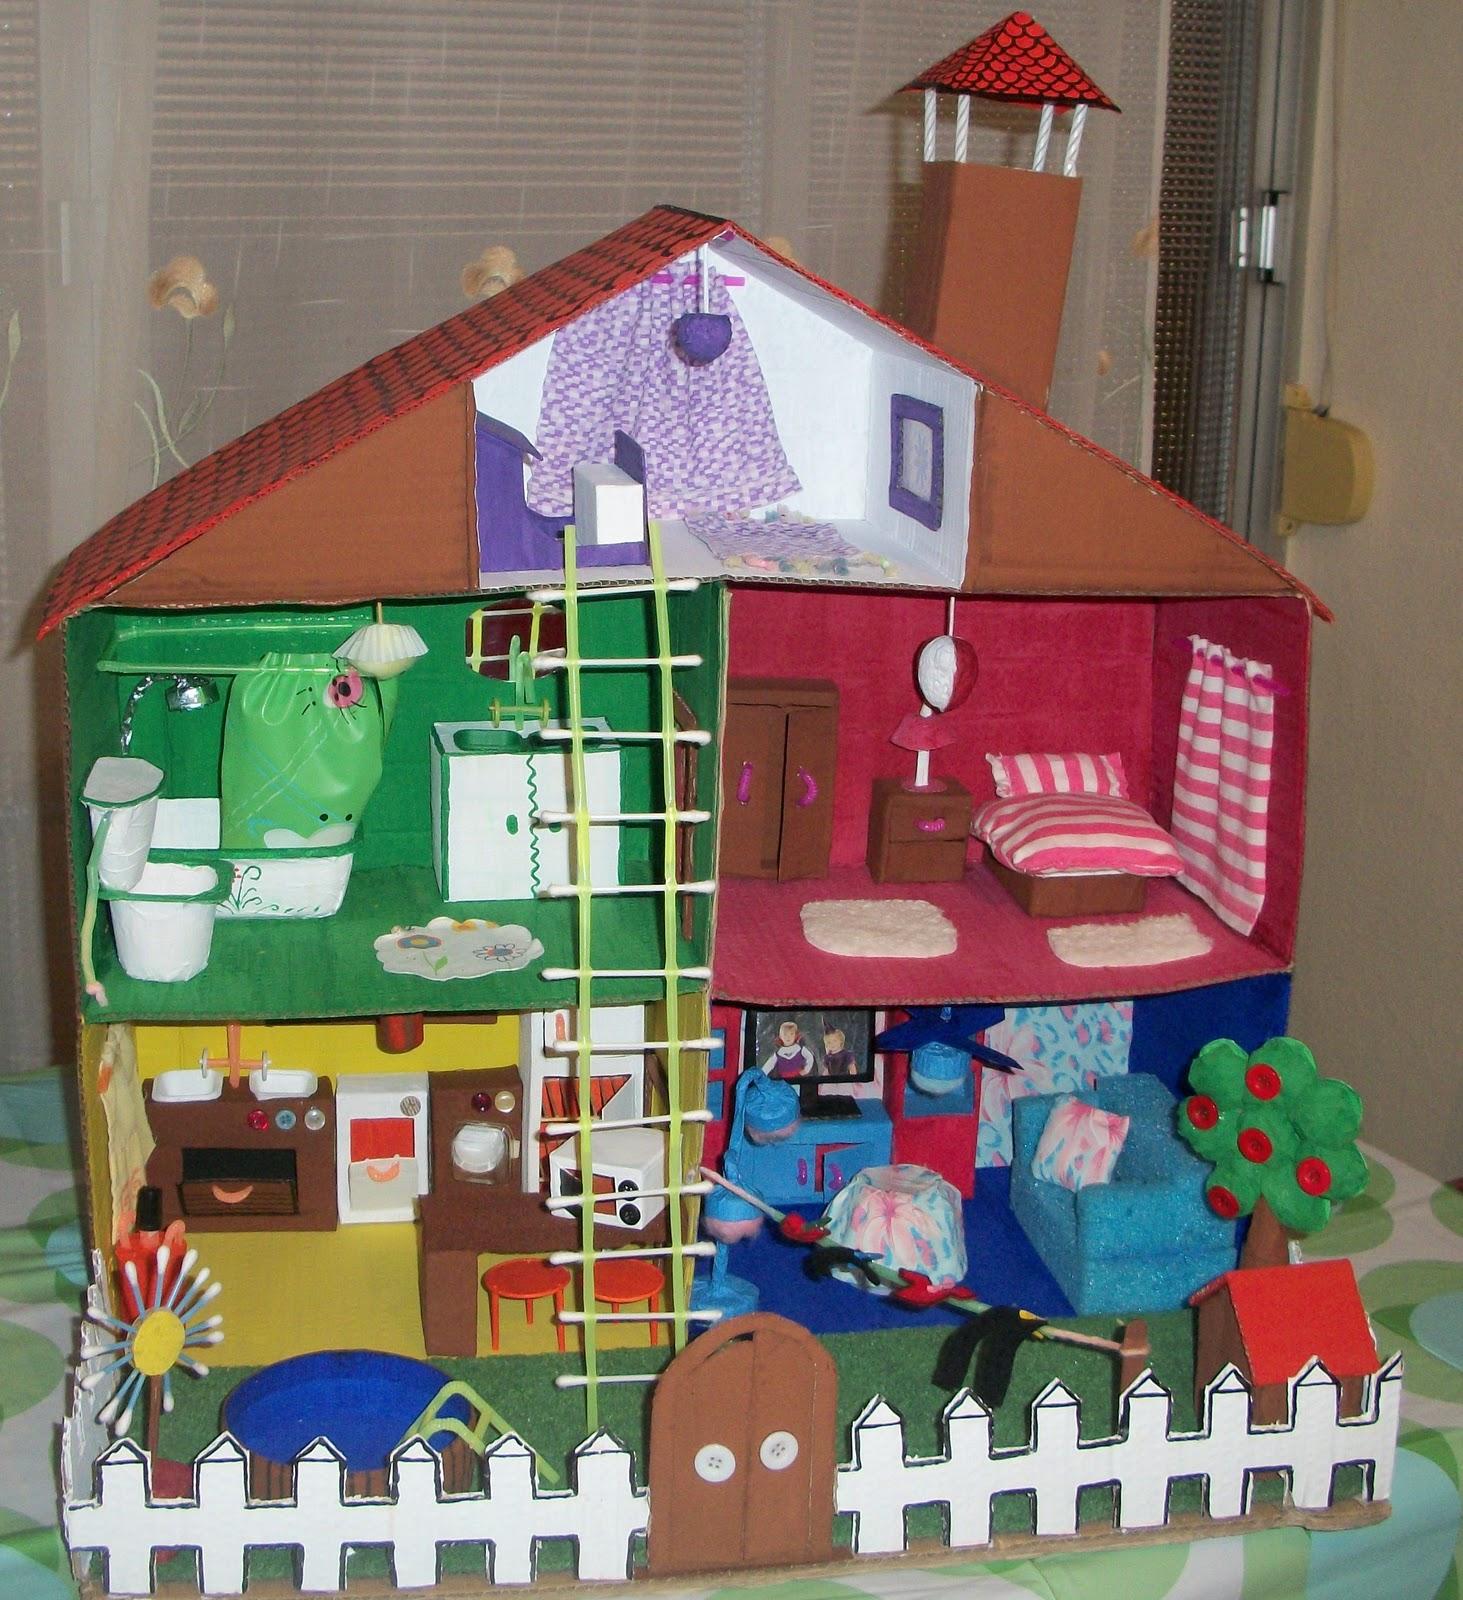 Maravillapinolandia juguete con materiales reciclados Casas hechas de carton